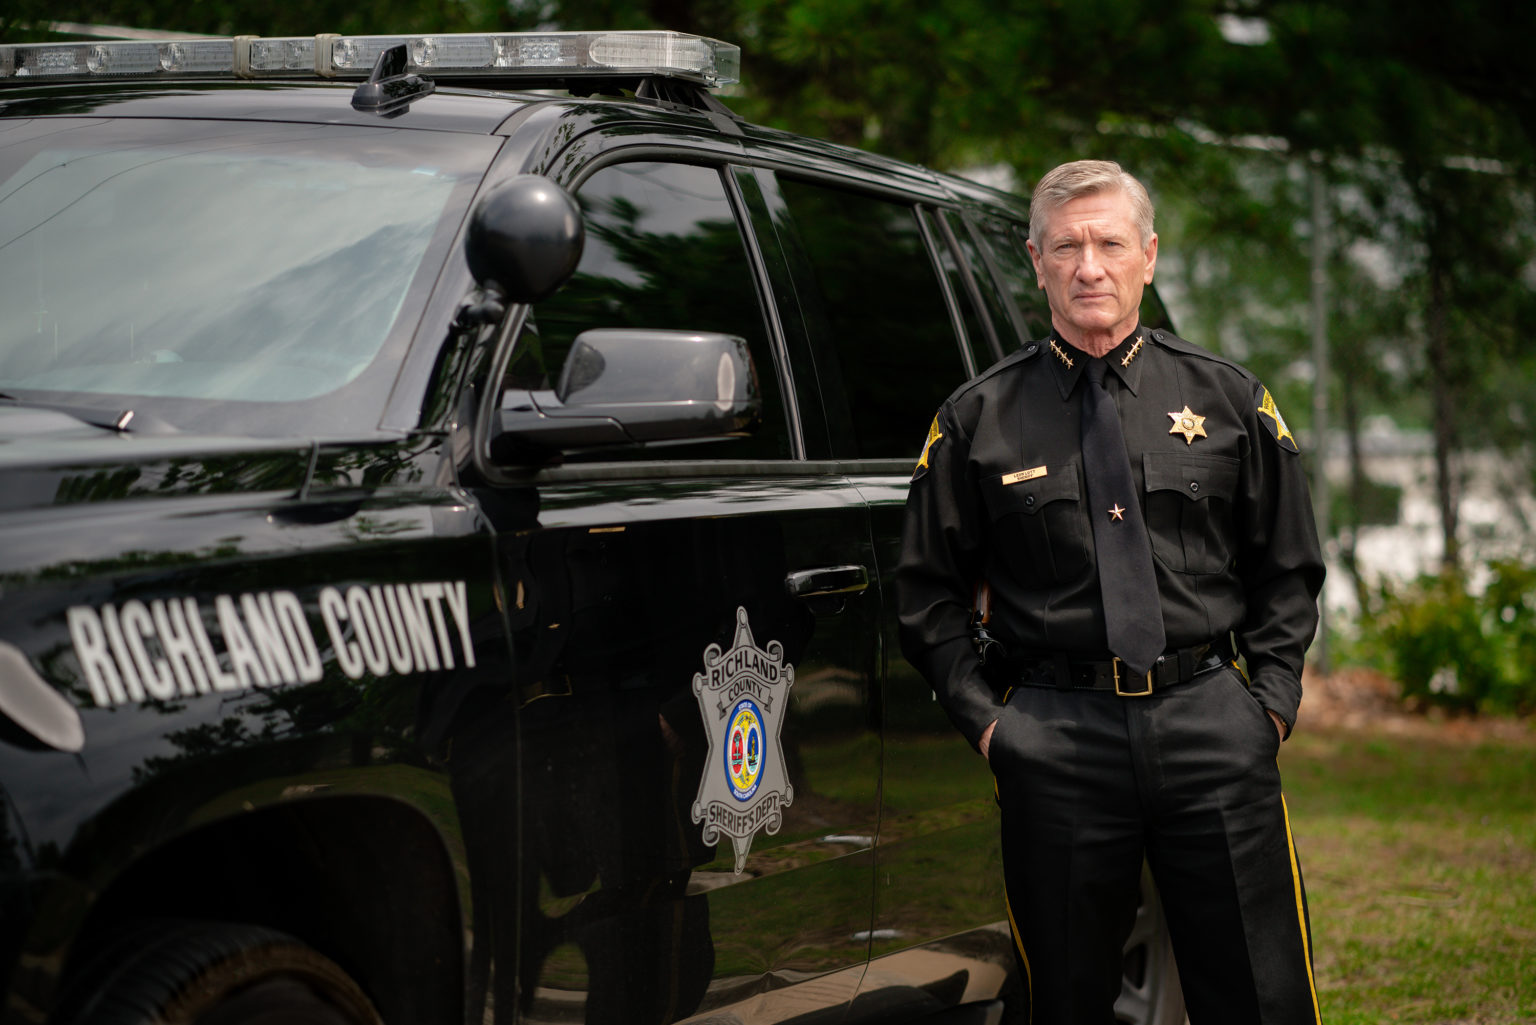 Sheriff Lott Beside A Vehicle